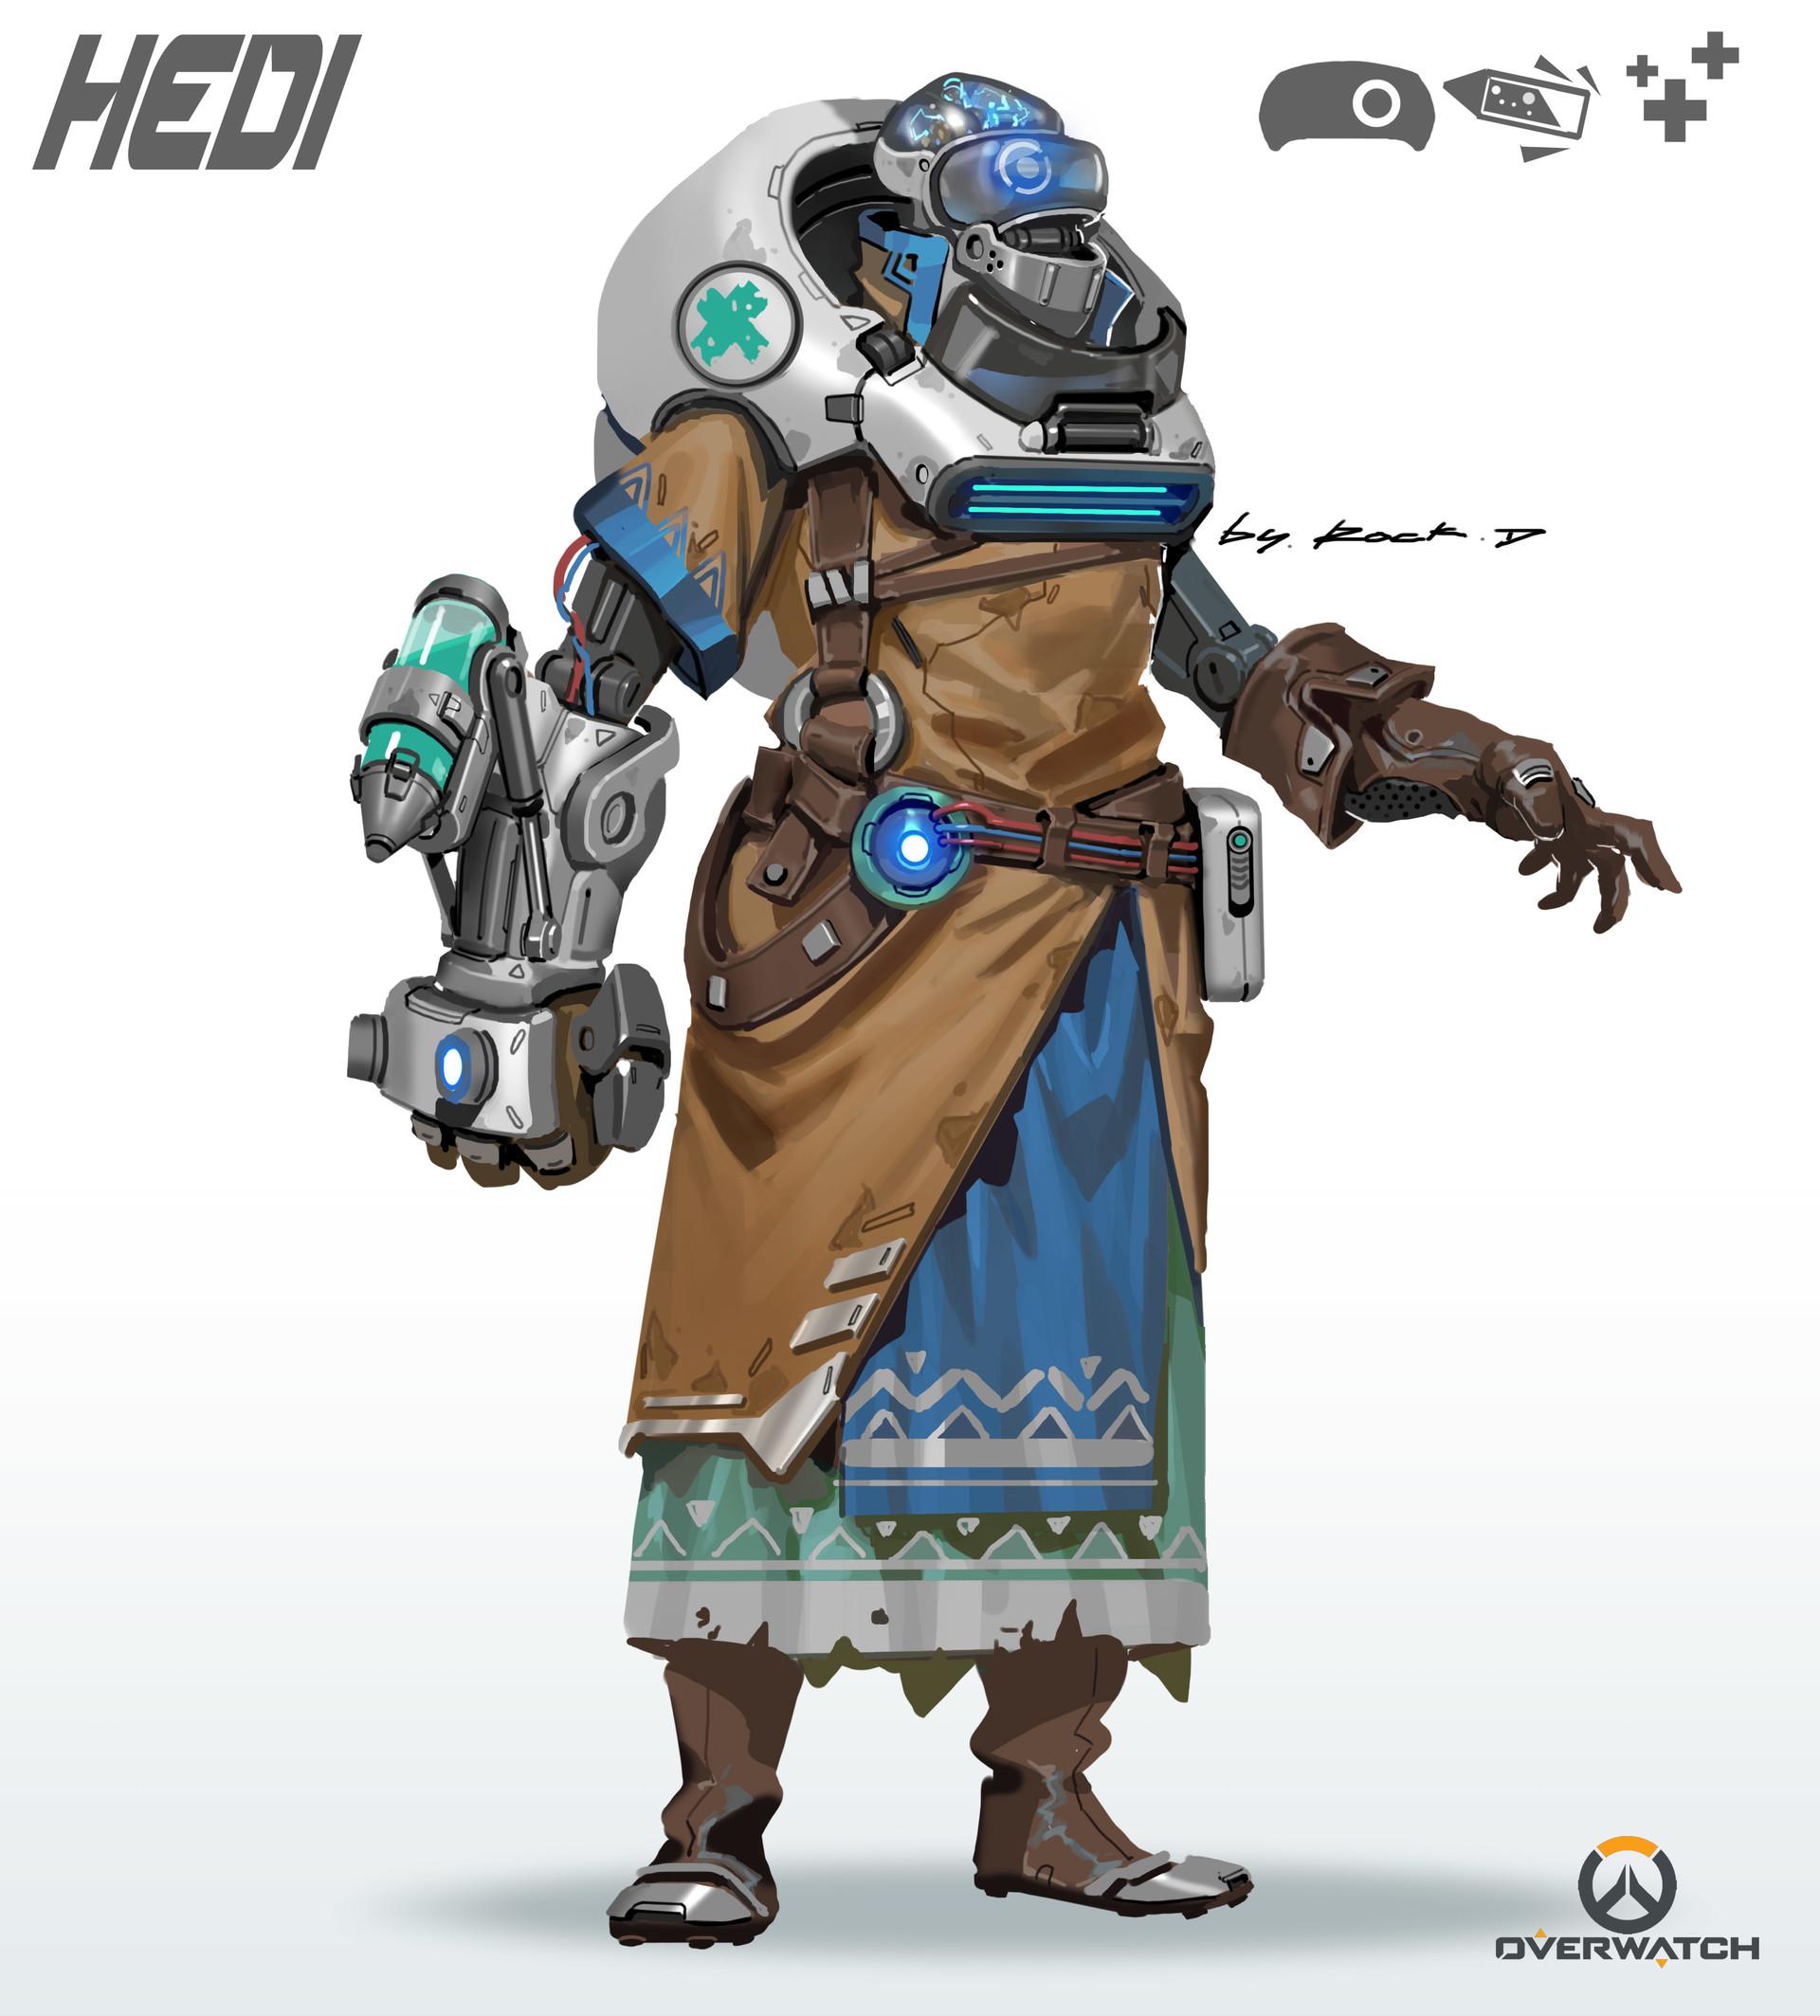 Character Design Overwatch : Artstation overwatch fanart rock d